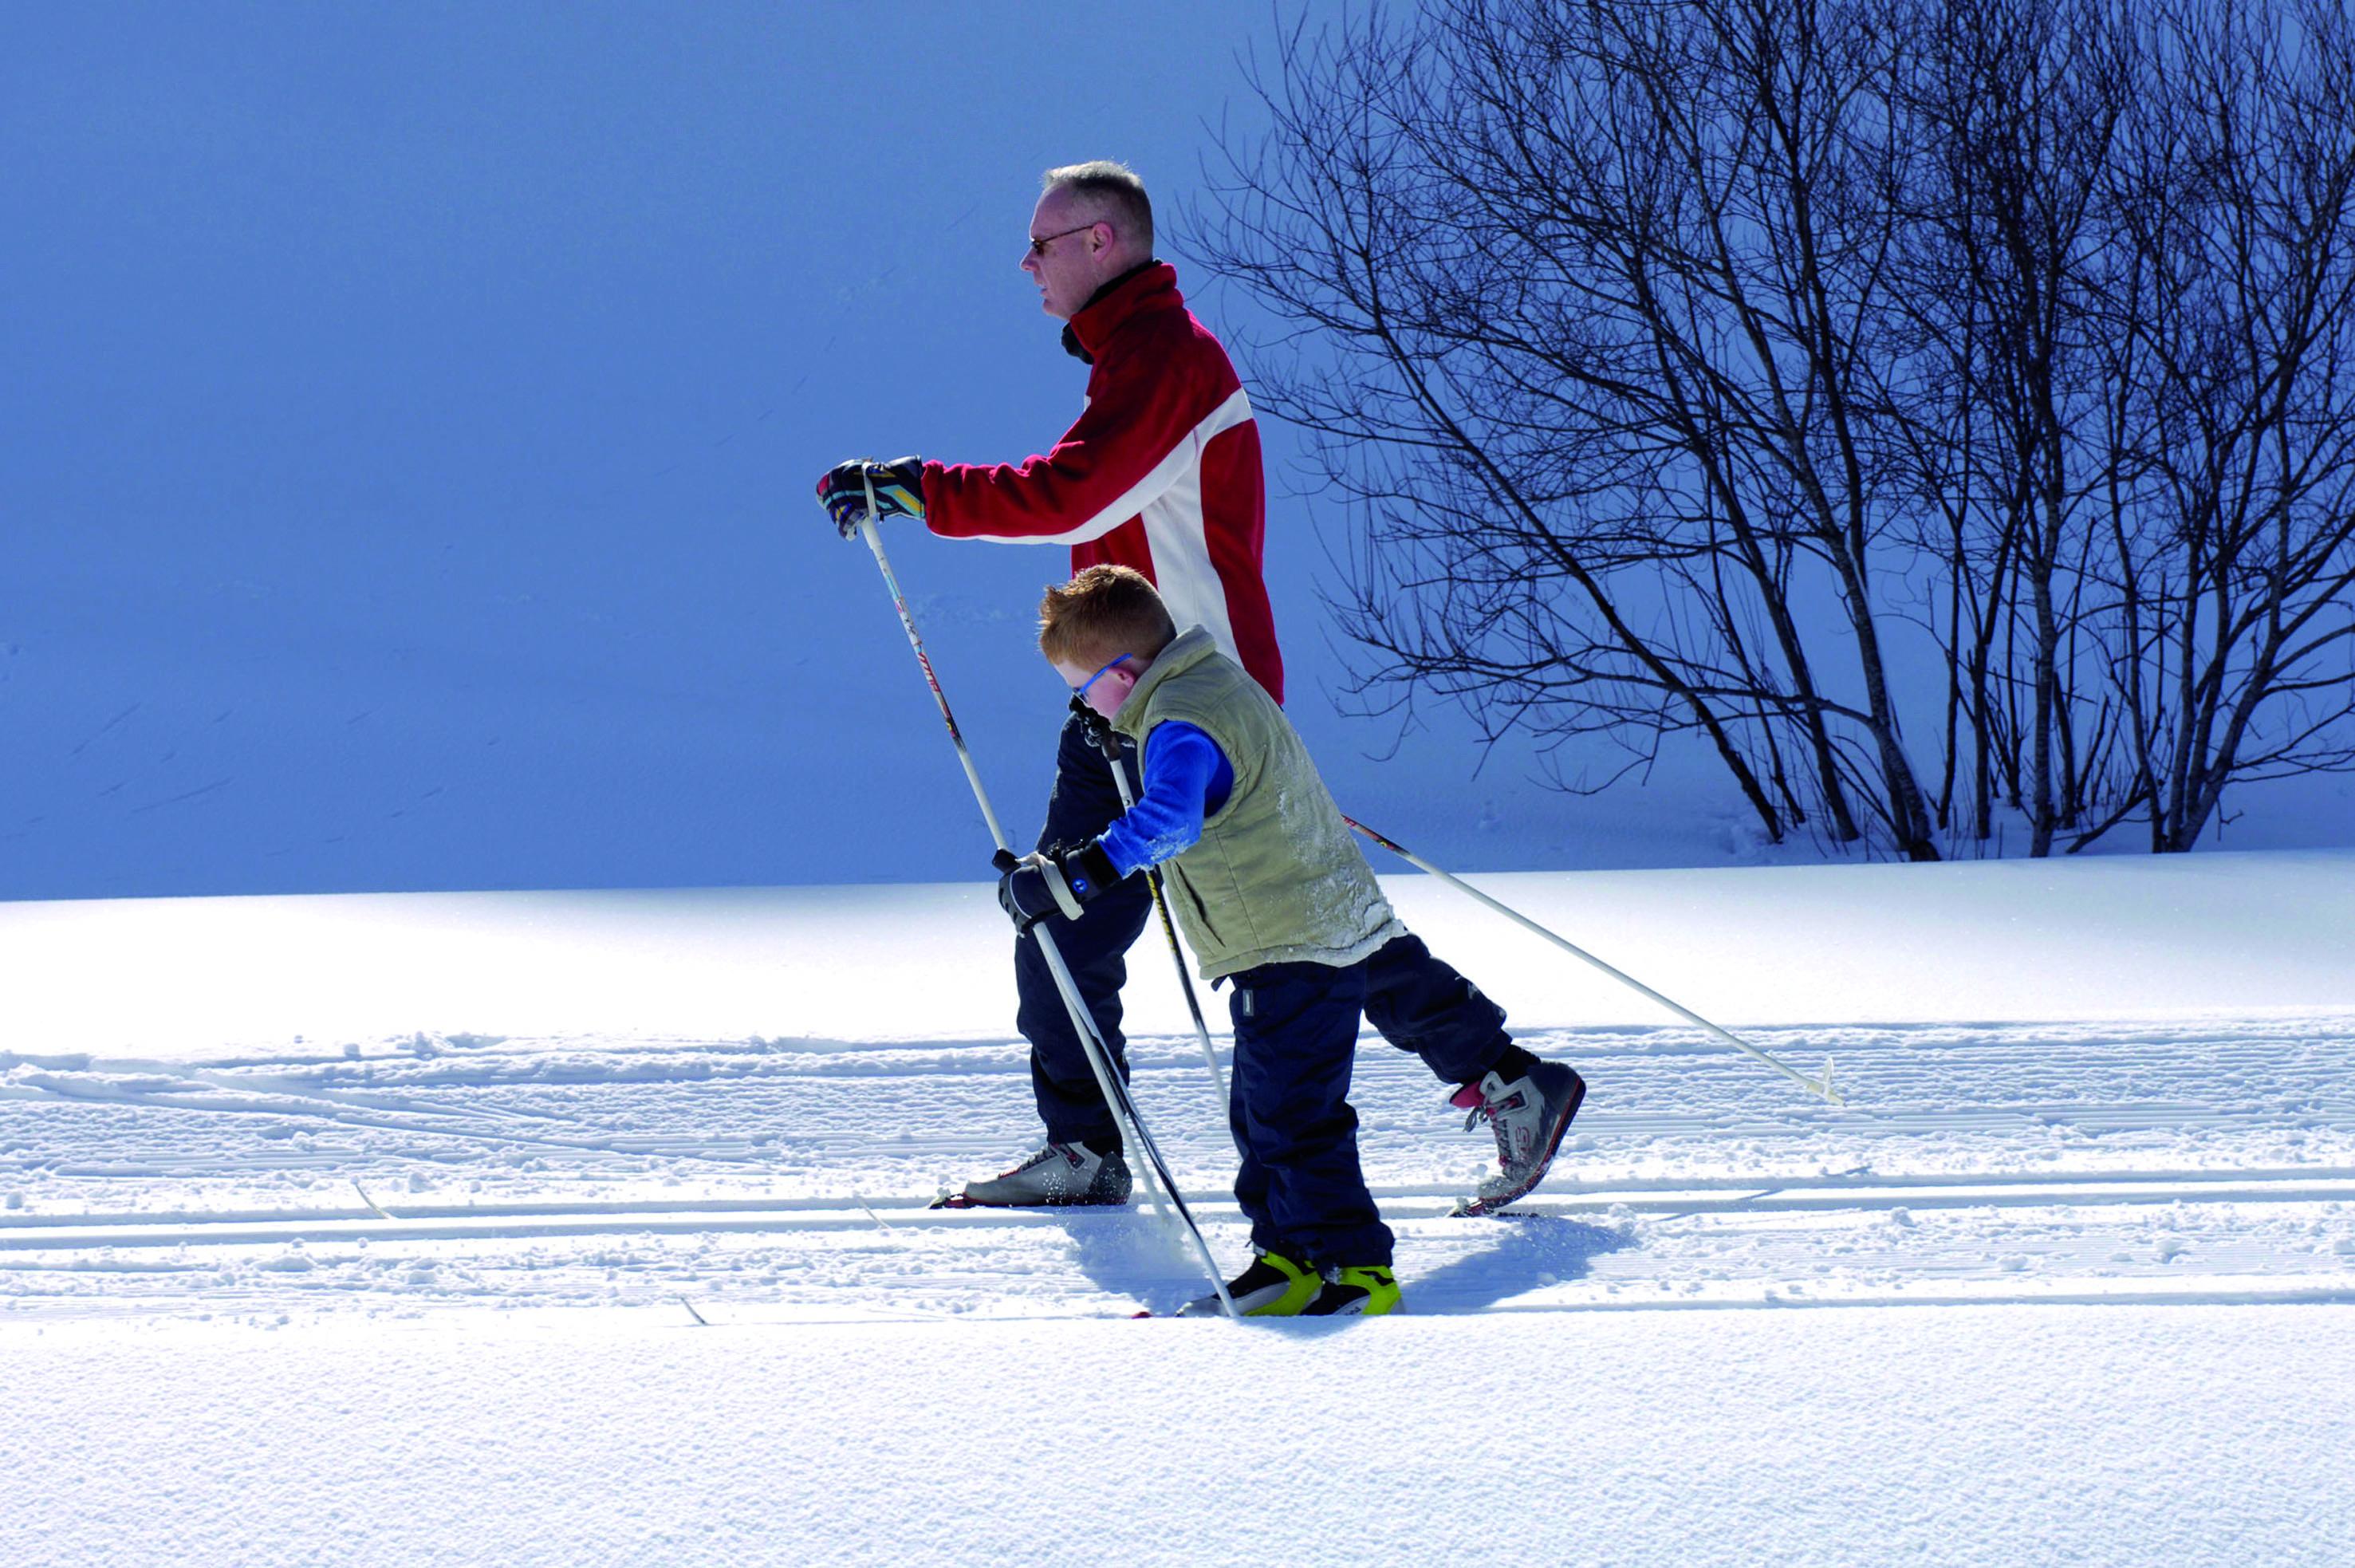 Vater und Sohn beim Langlaufen in der Eisenerzer Ramsau in der Nähe von JUFA Hotels. Der Ort für erholsamen Familienurlaub und einen unvergesslichen Winterurlaub.